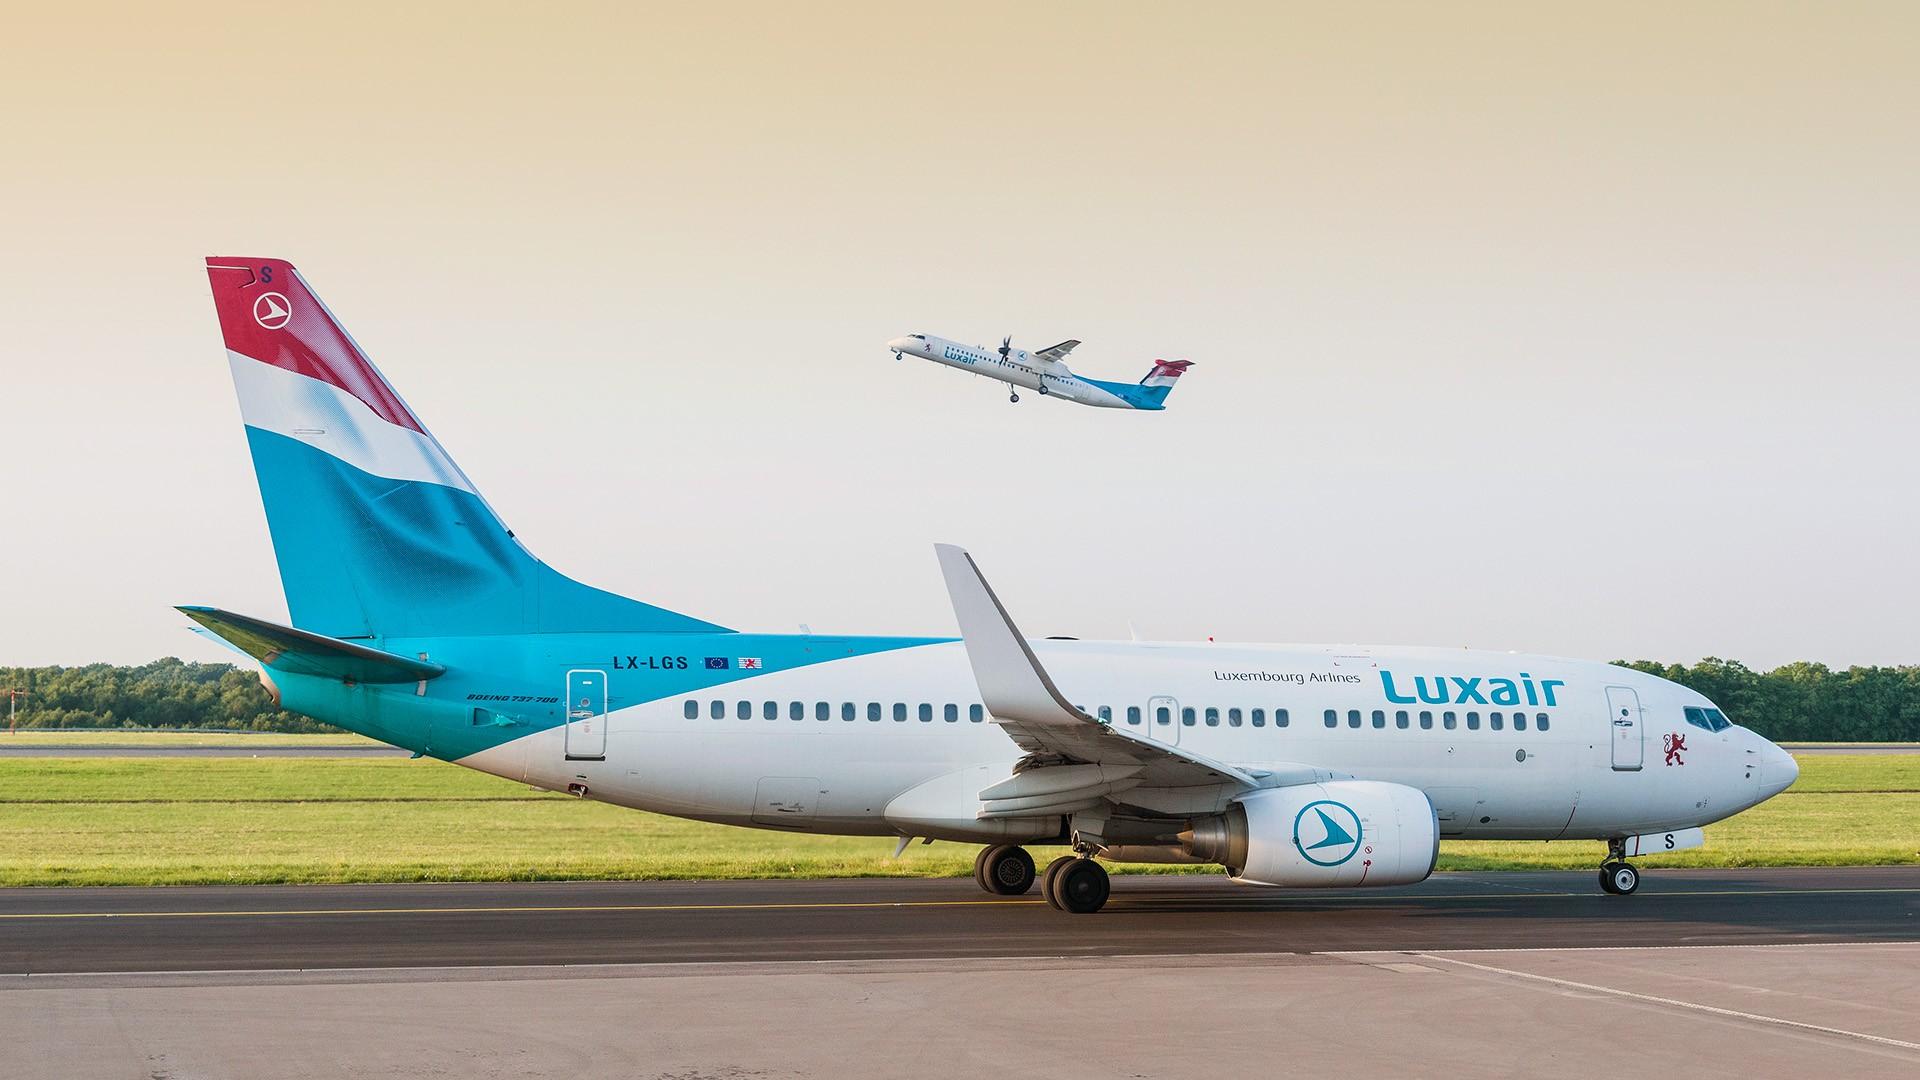 Vols perturbés pour Luxair /crédit photo Luxair